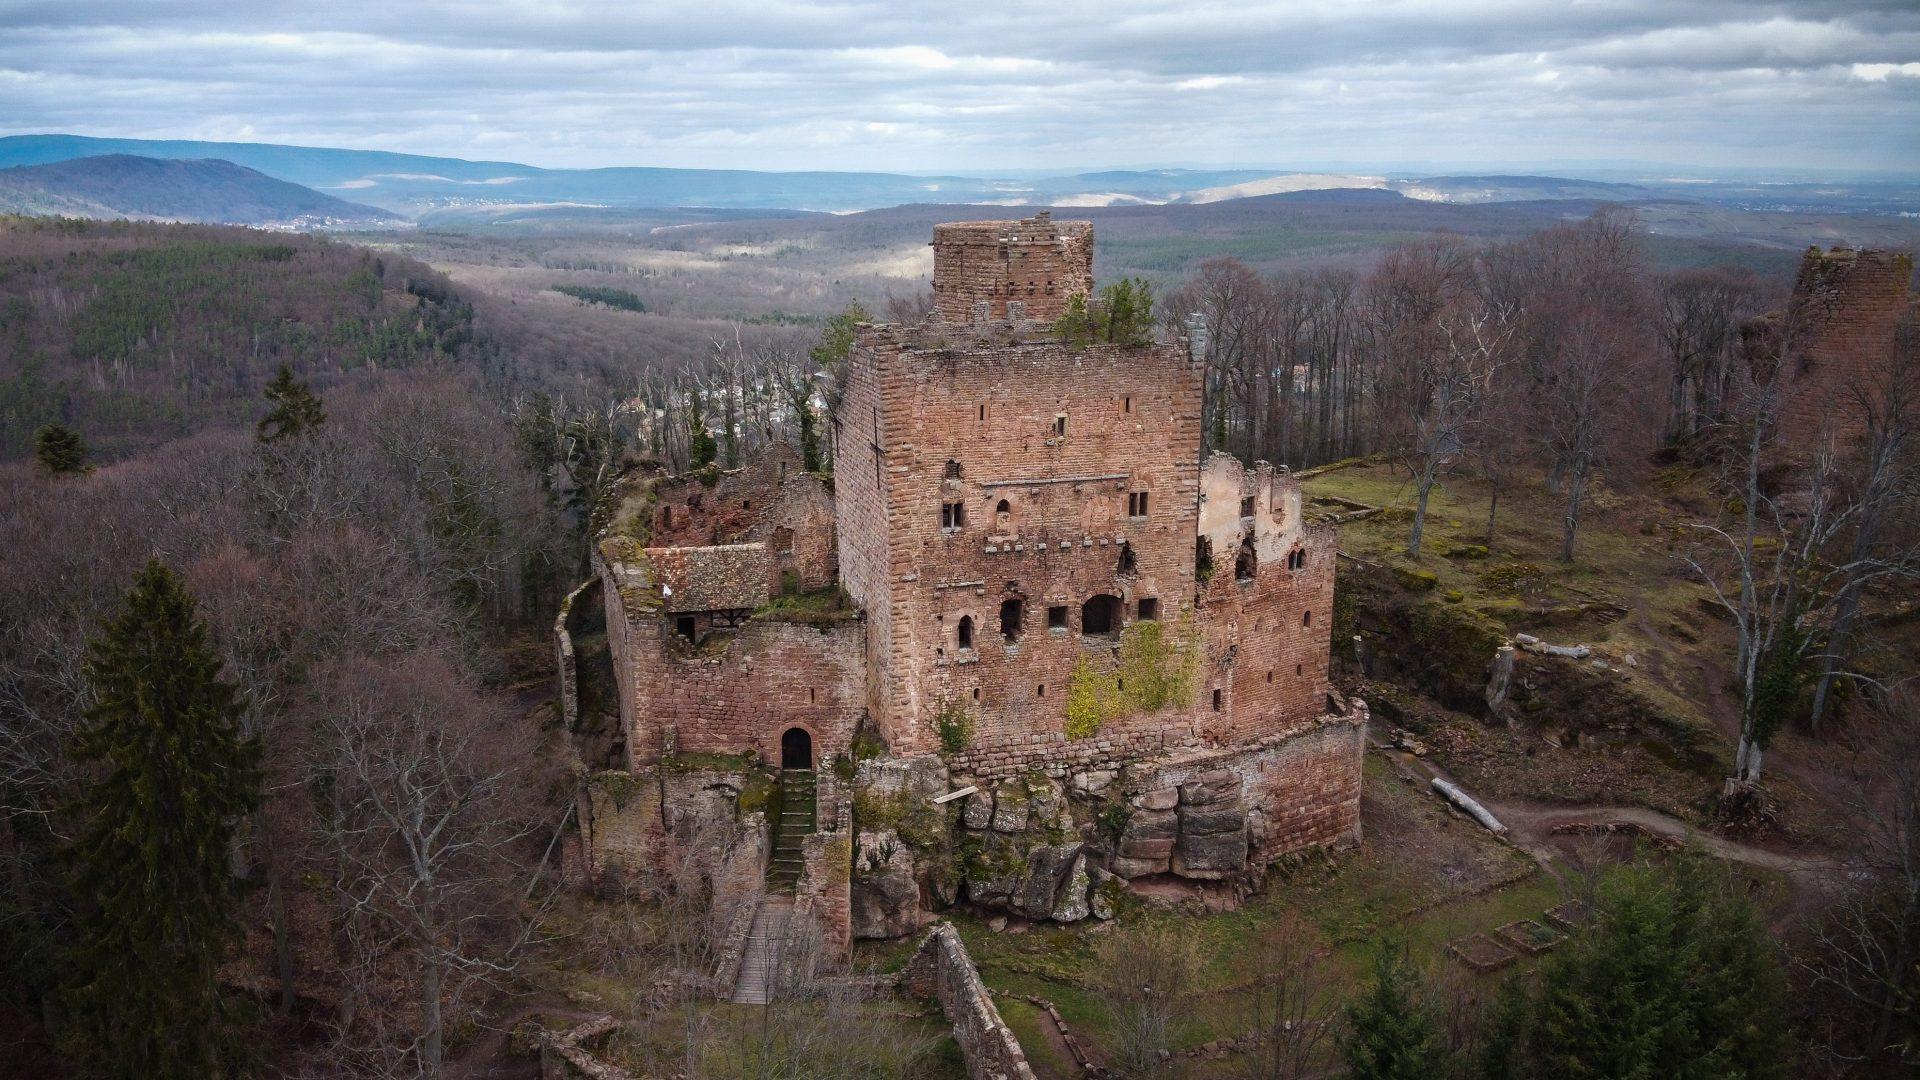 Le château de Rathsamhausen au-dessus d'Ottrott